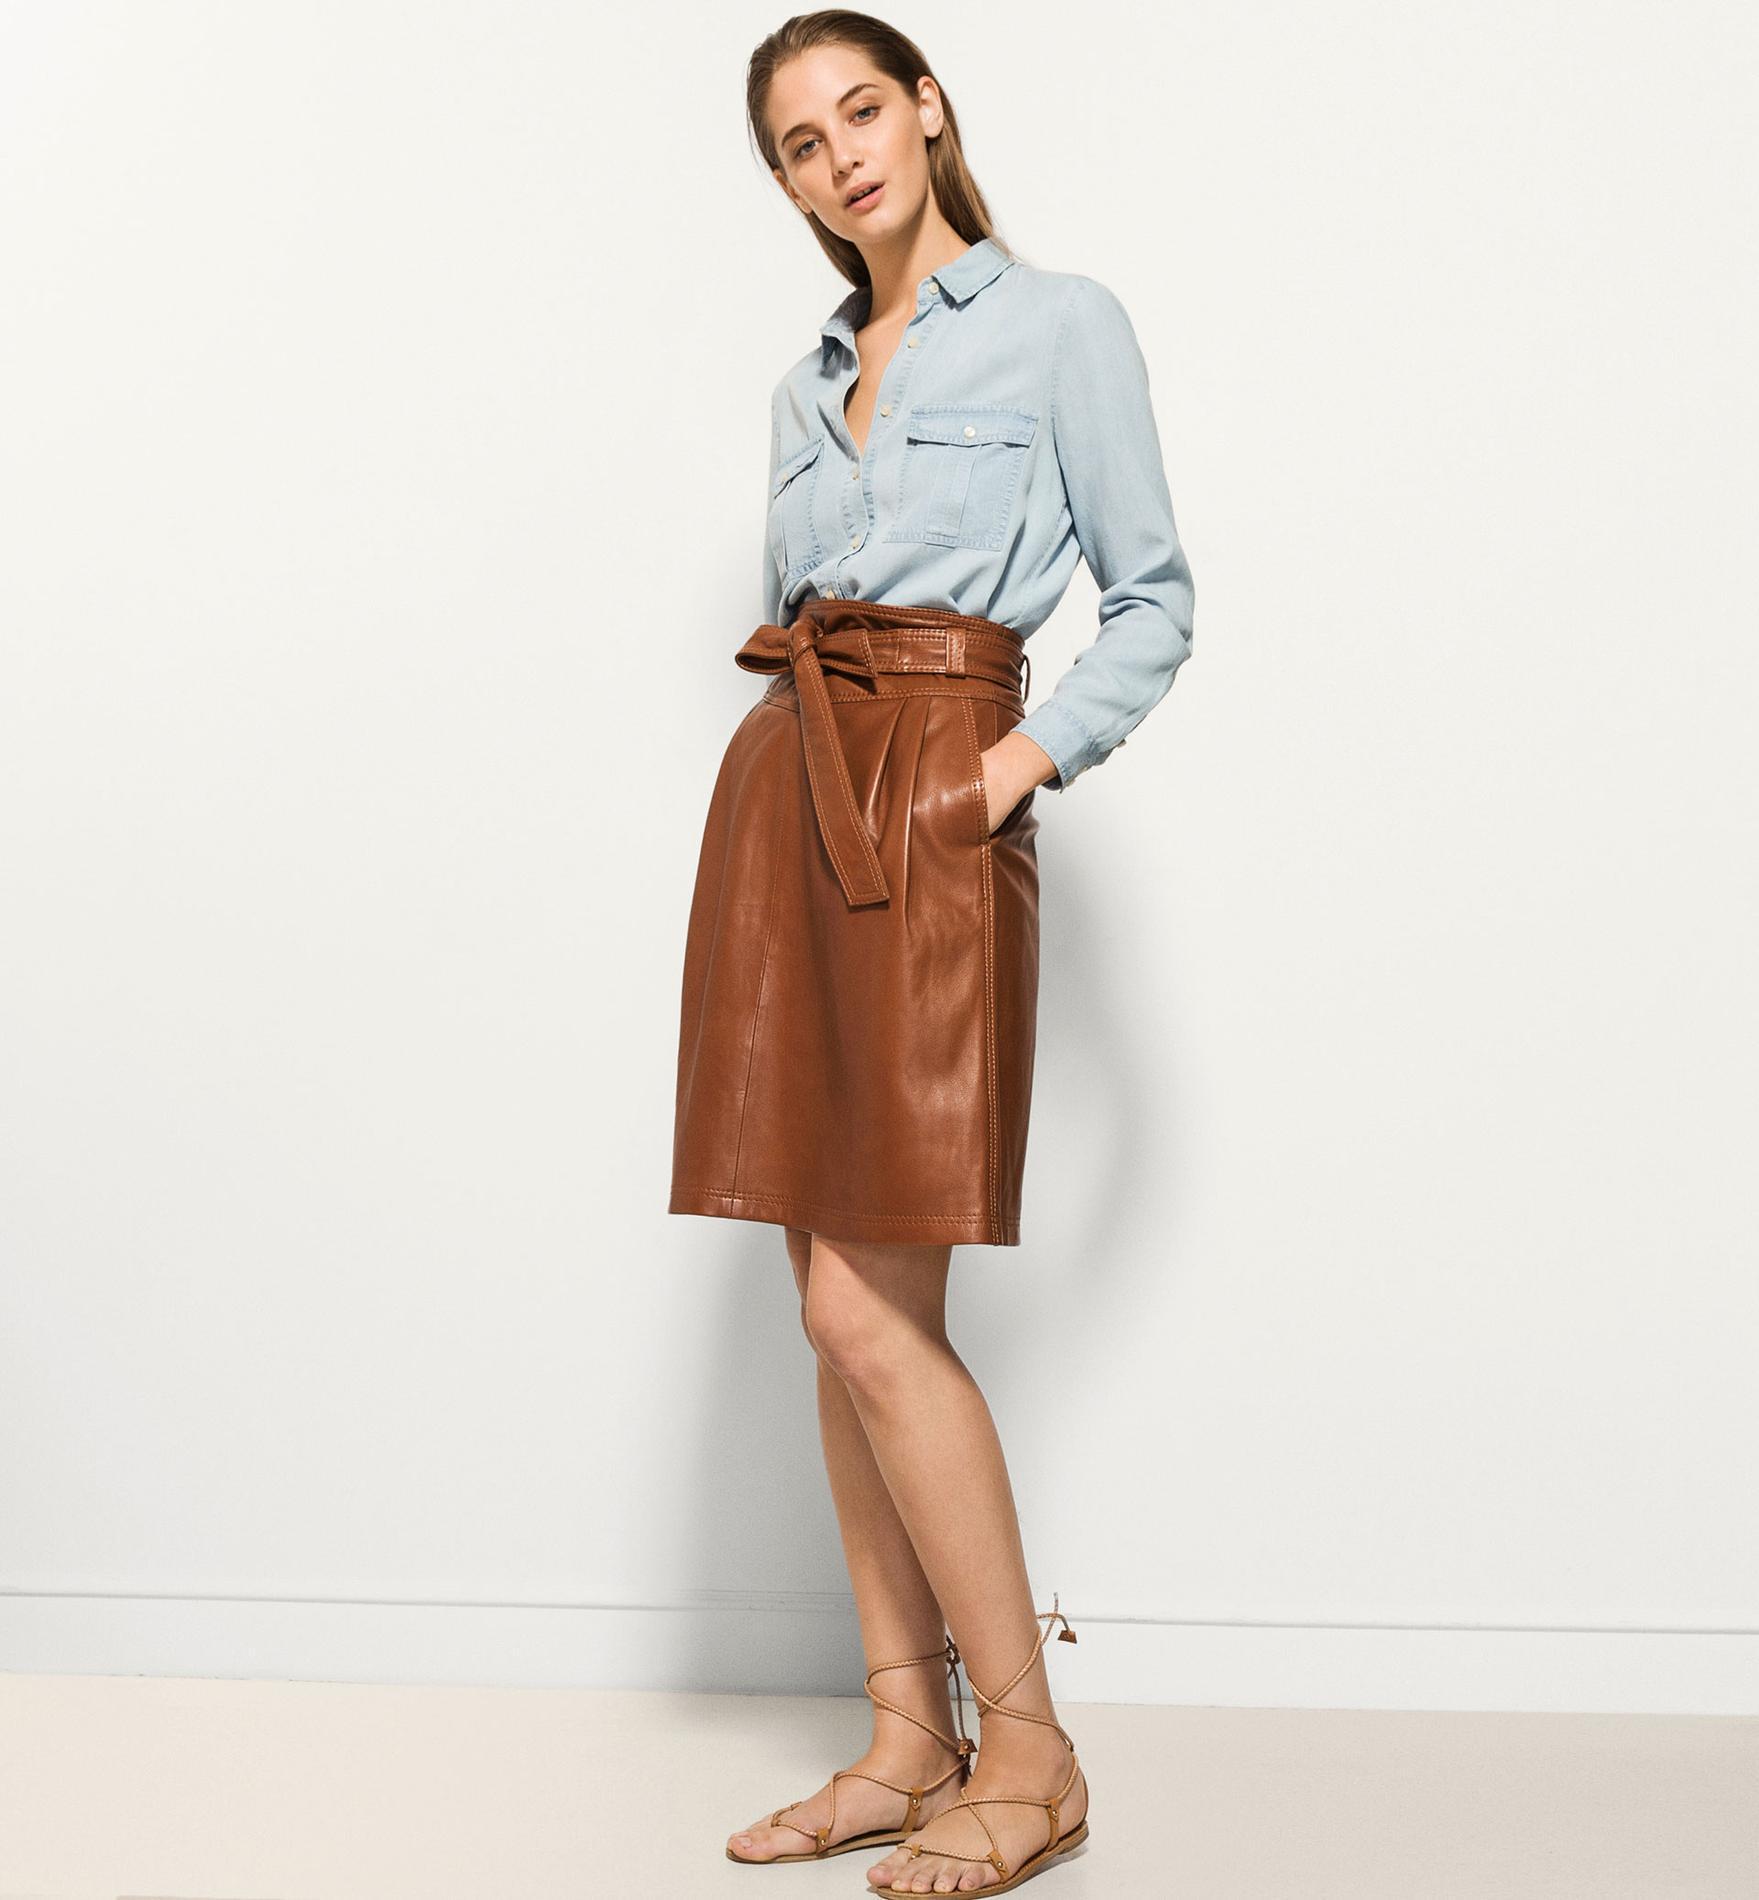 81f417130c5da ... choisir sa jupe en fonction de sa morphologie   la plissée par COS Bien  choisir sa jupe en fonction de sa morphologie   la midi par Zara Bien  choisir sa ...